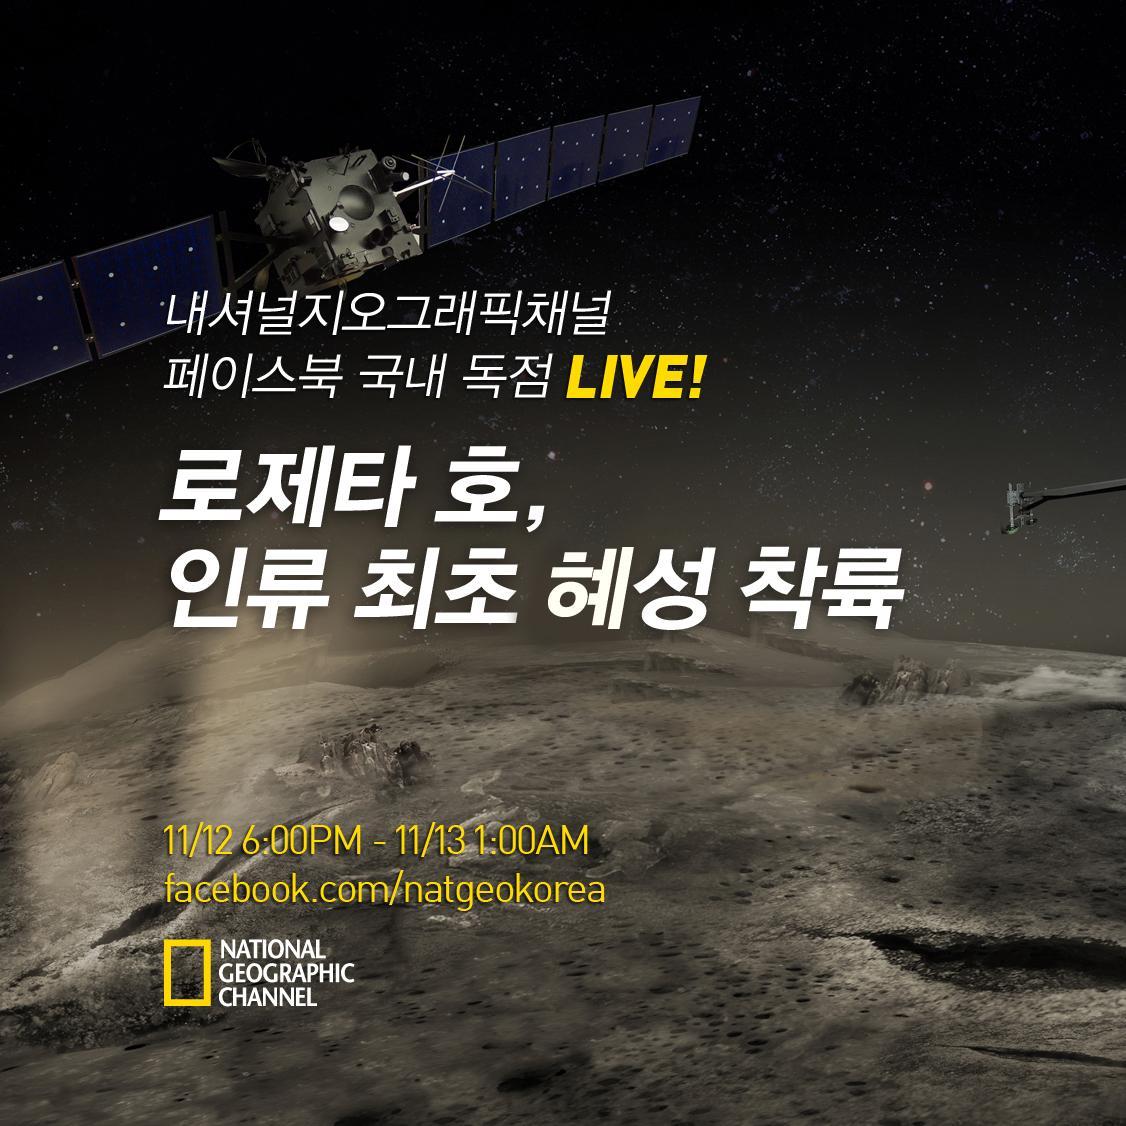 바로 오늘! 인류 최초로 혜성 착륙에 시도하는 로제타 호! 그 역사적 순간을 실시간으로 함께하세요!  오늘 저녁 6시부터 1시까지 - 온라인 생중계 시청하기 http://t.co/IsgFDWhaDR http://t.co/9igSzGWNrP